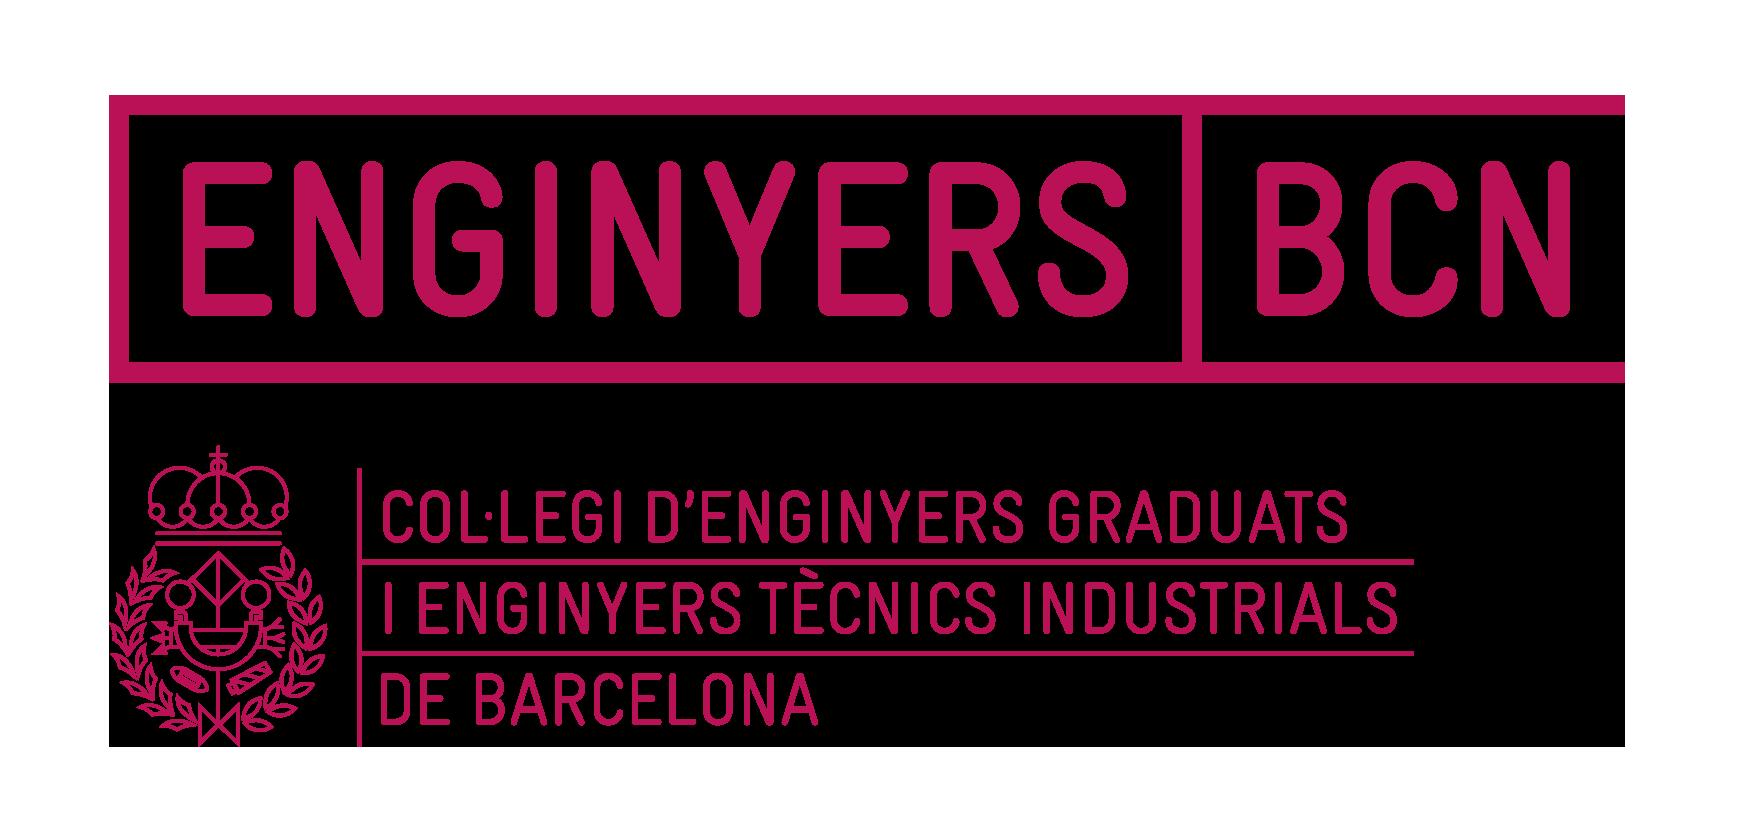 Col·legi d'Enginyers Graduats i Enginyers Tècnics Industrials de Barcelona